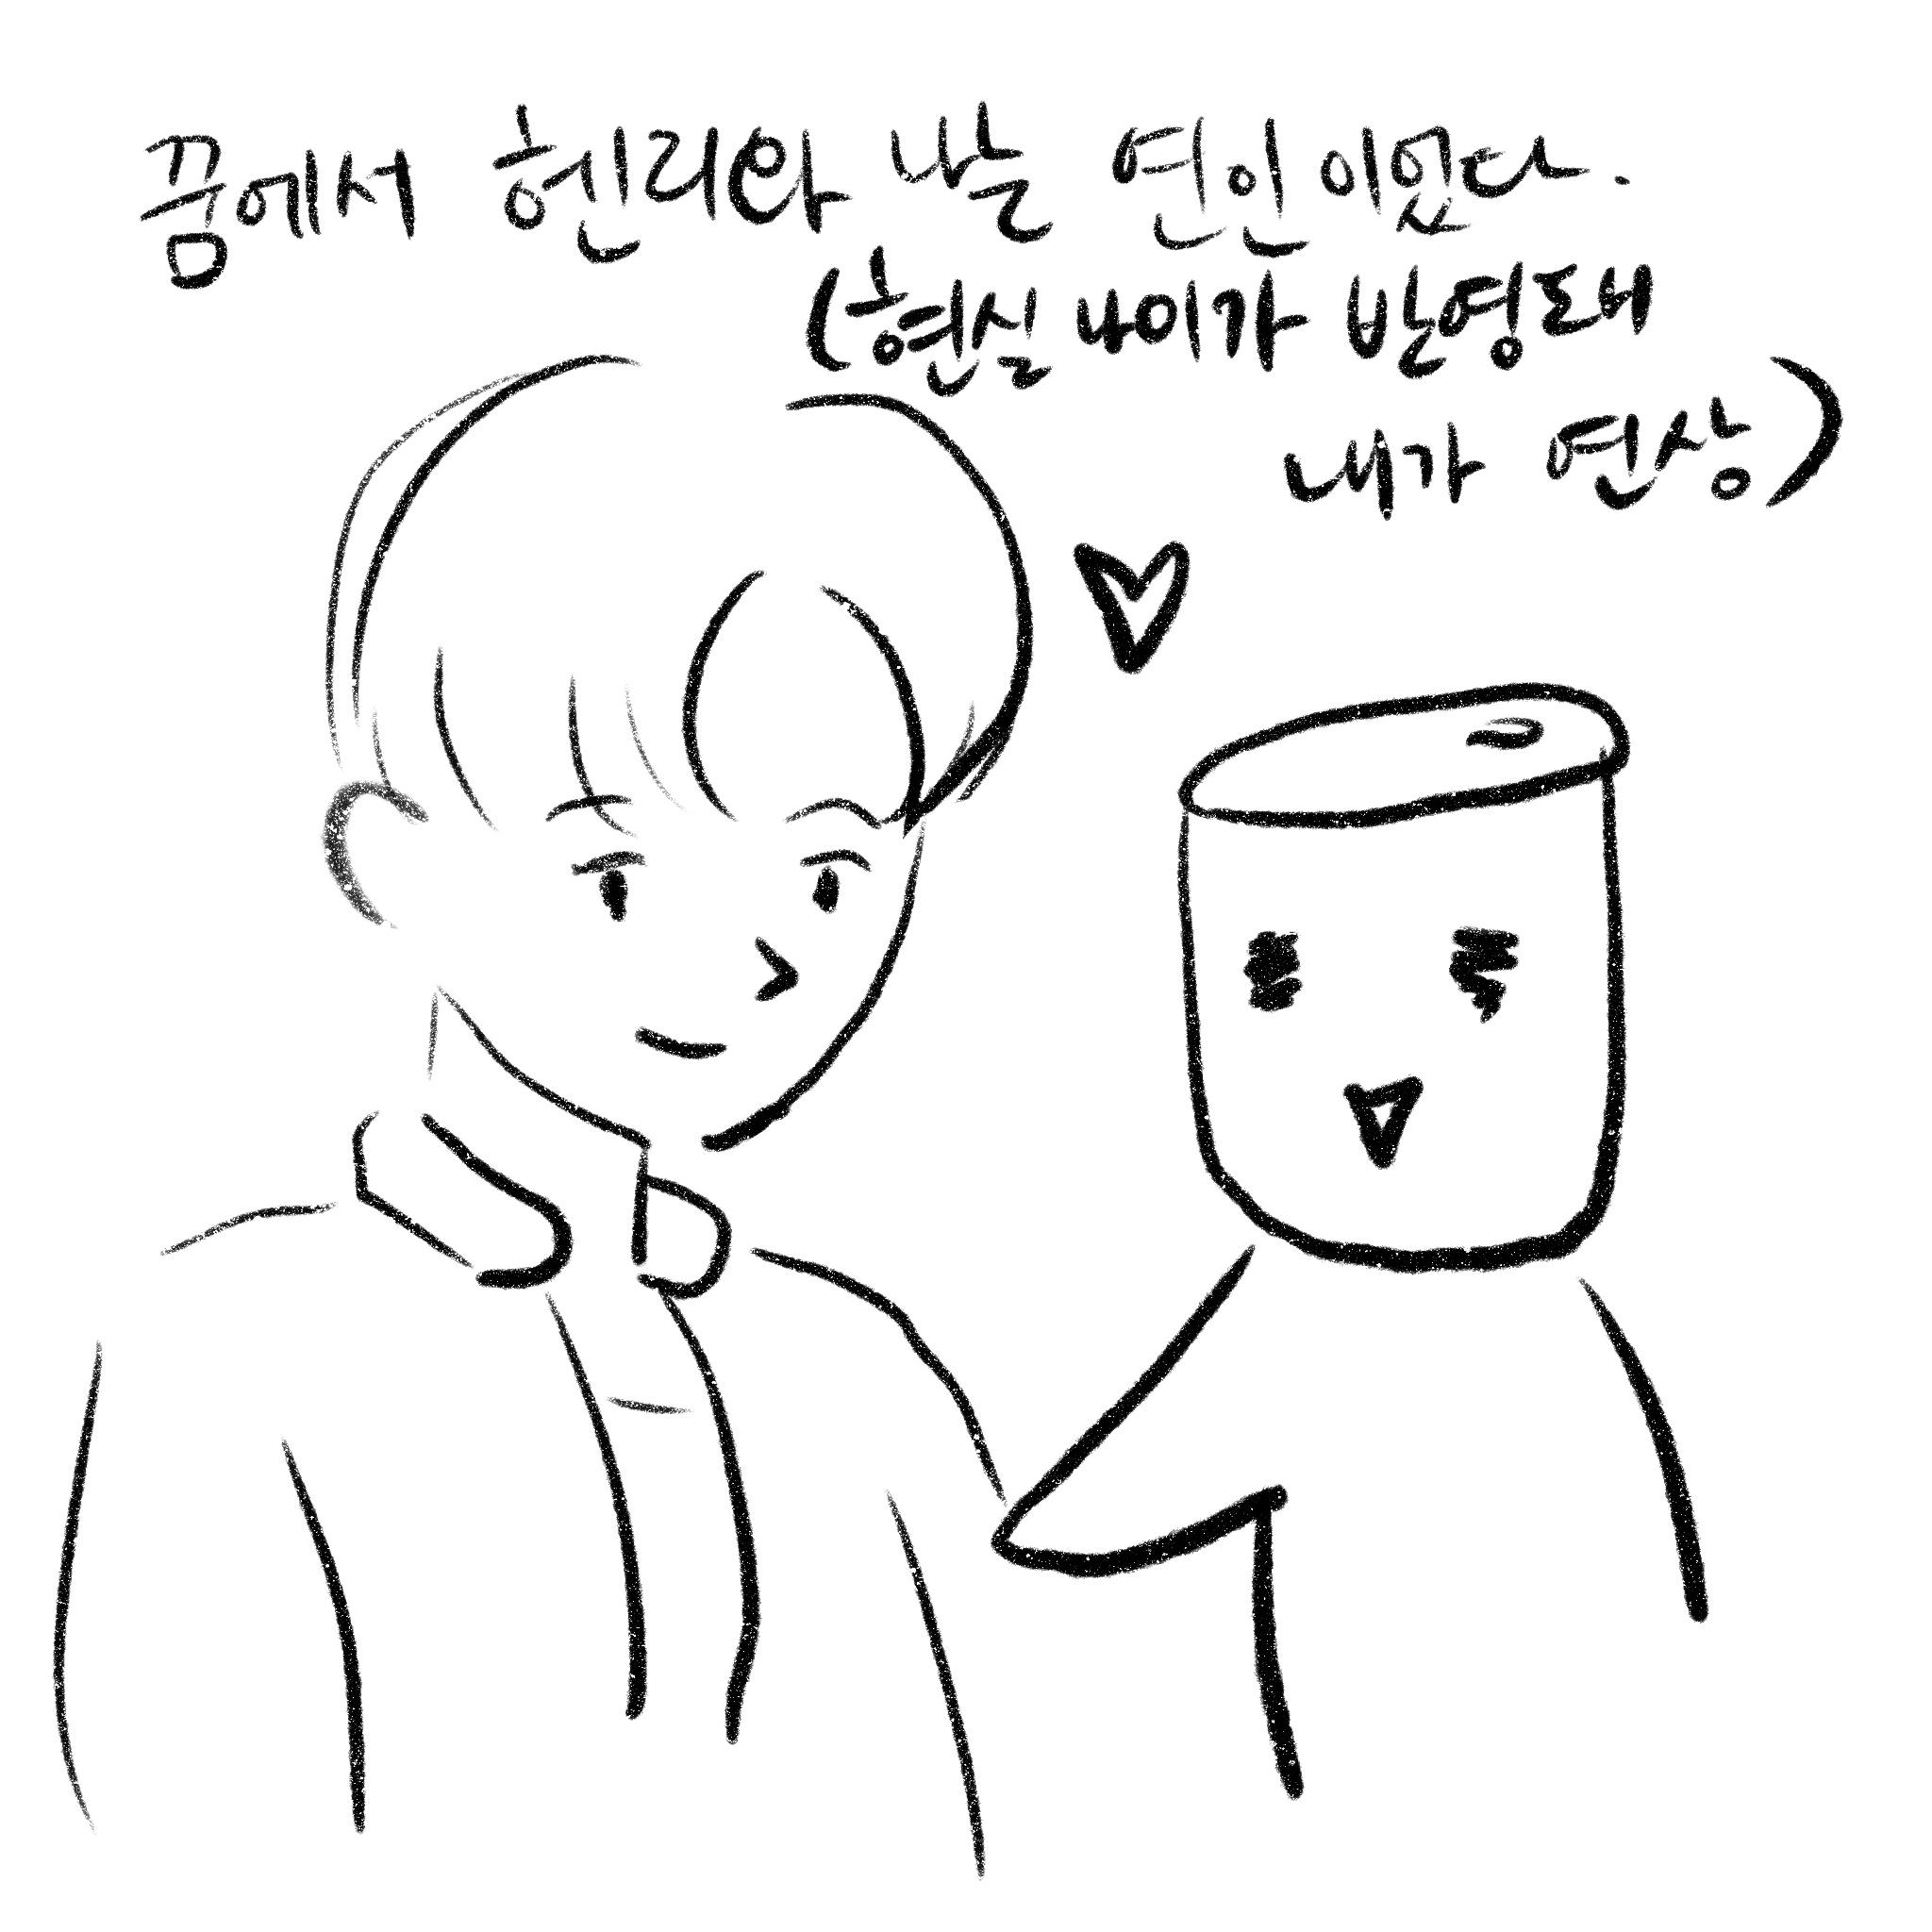 박보검과 헨리 꿈을 꾸다